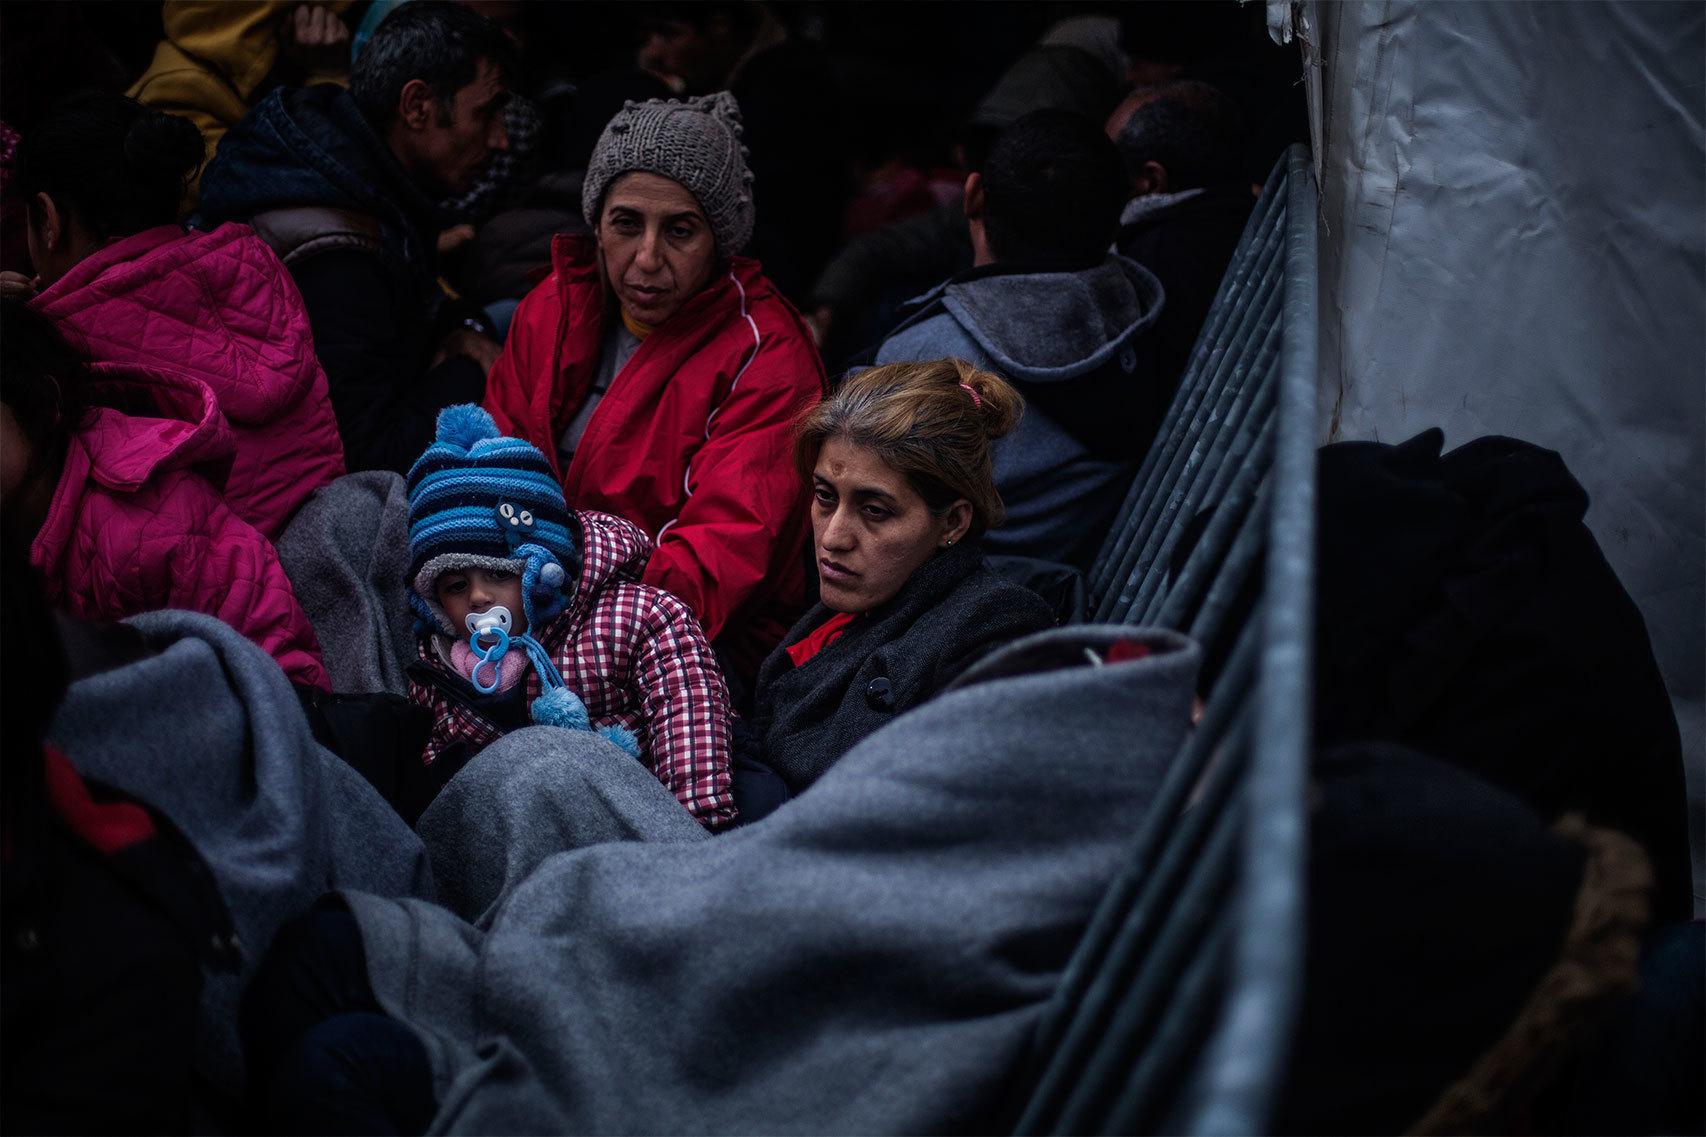 Una mujer espera con su bebé cerca del paso fronterizo de Idomeni.